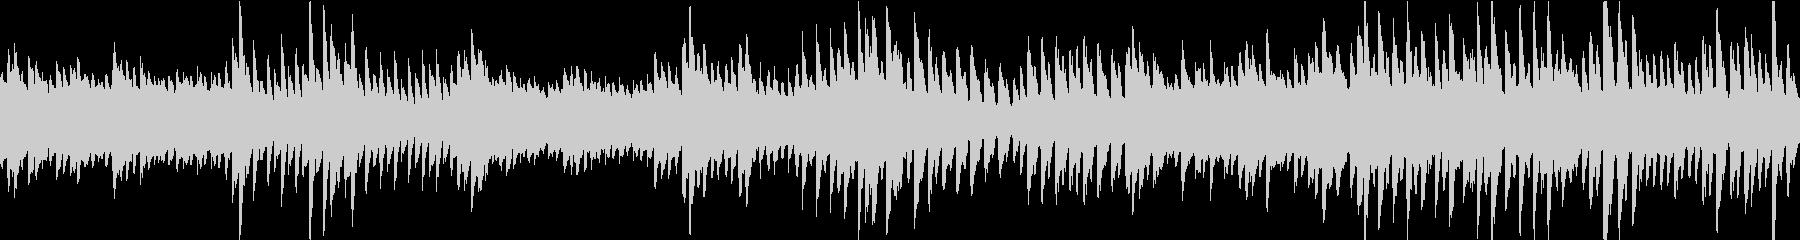 未知なる幻想空間をイメージしたピアノ曲の未再生の波形